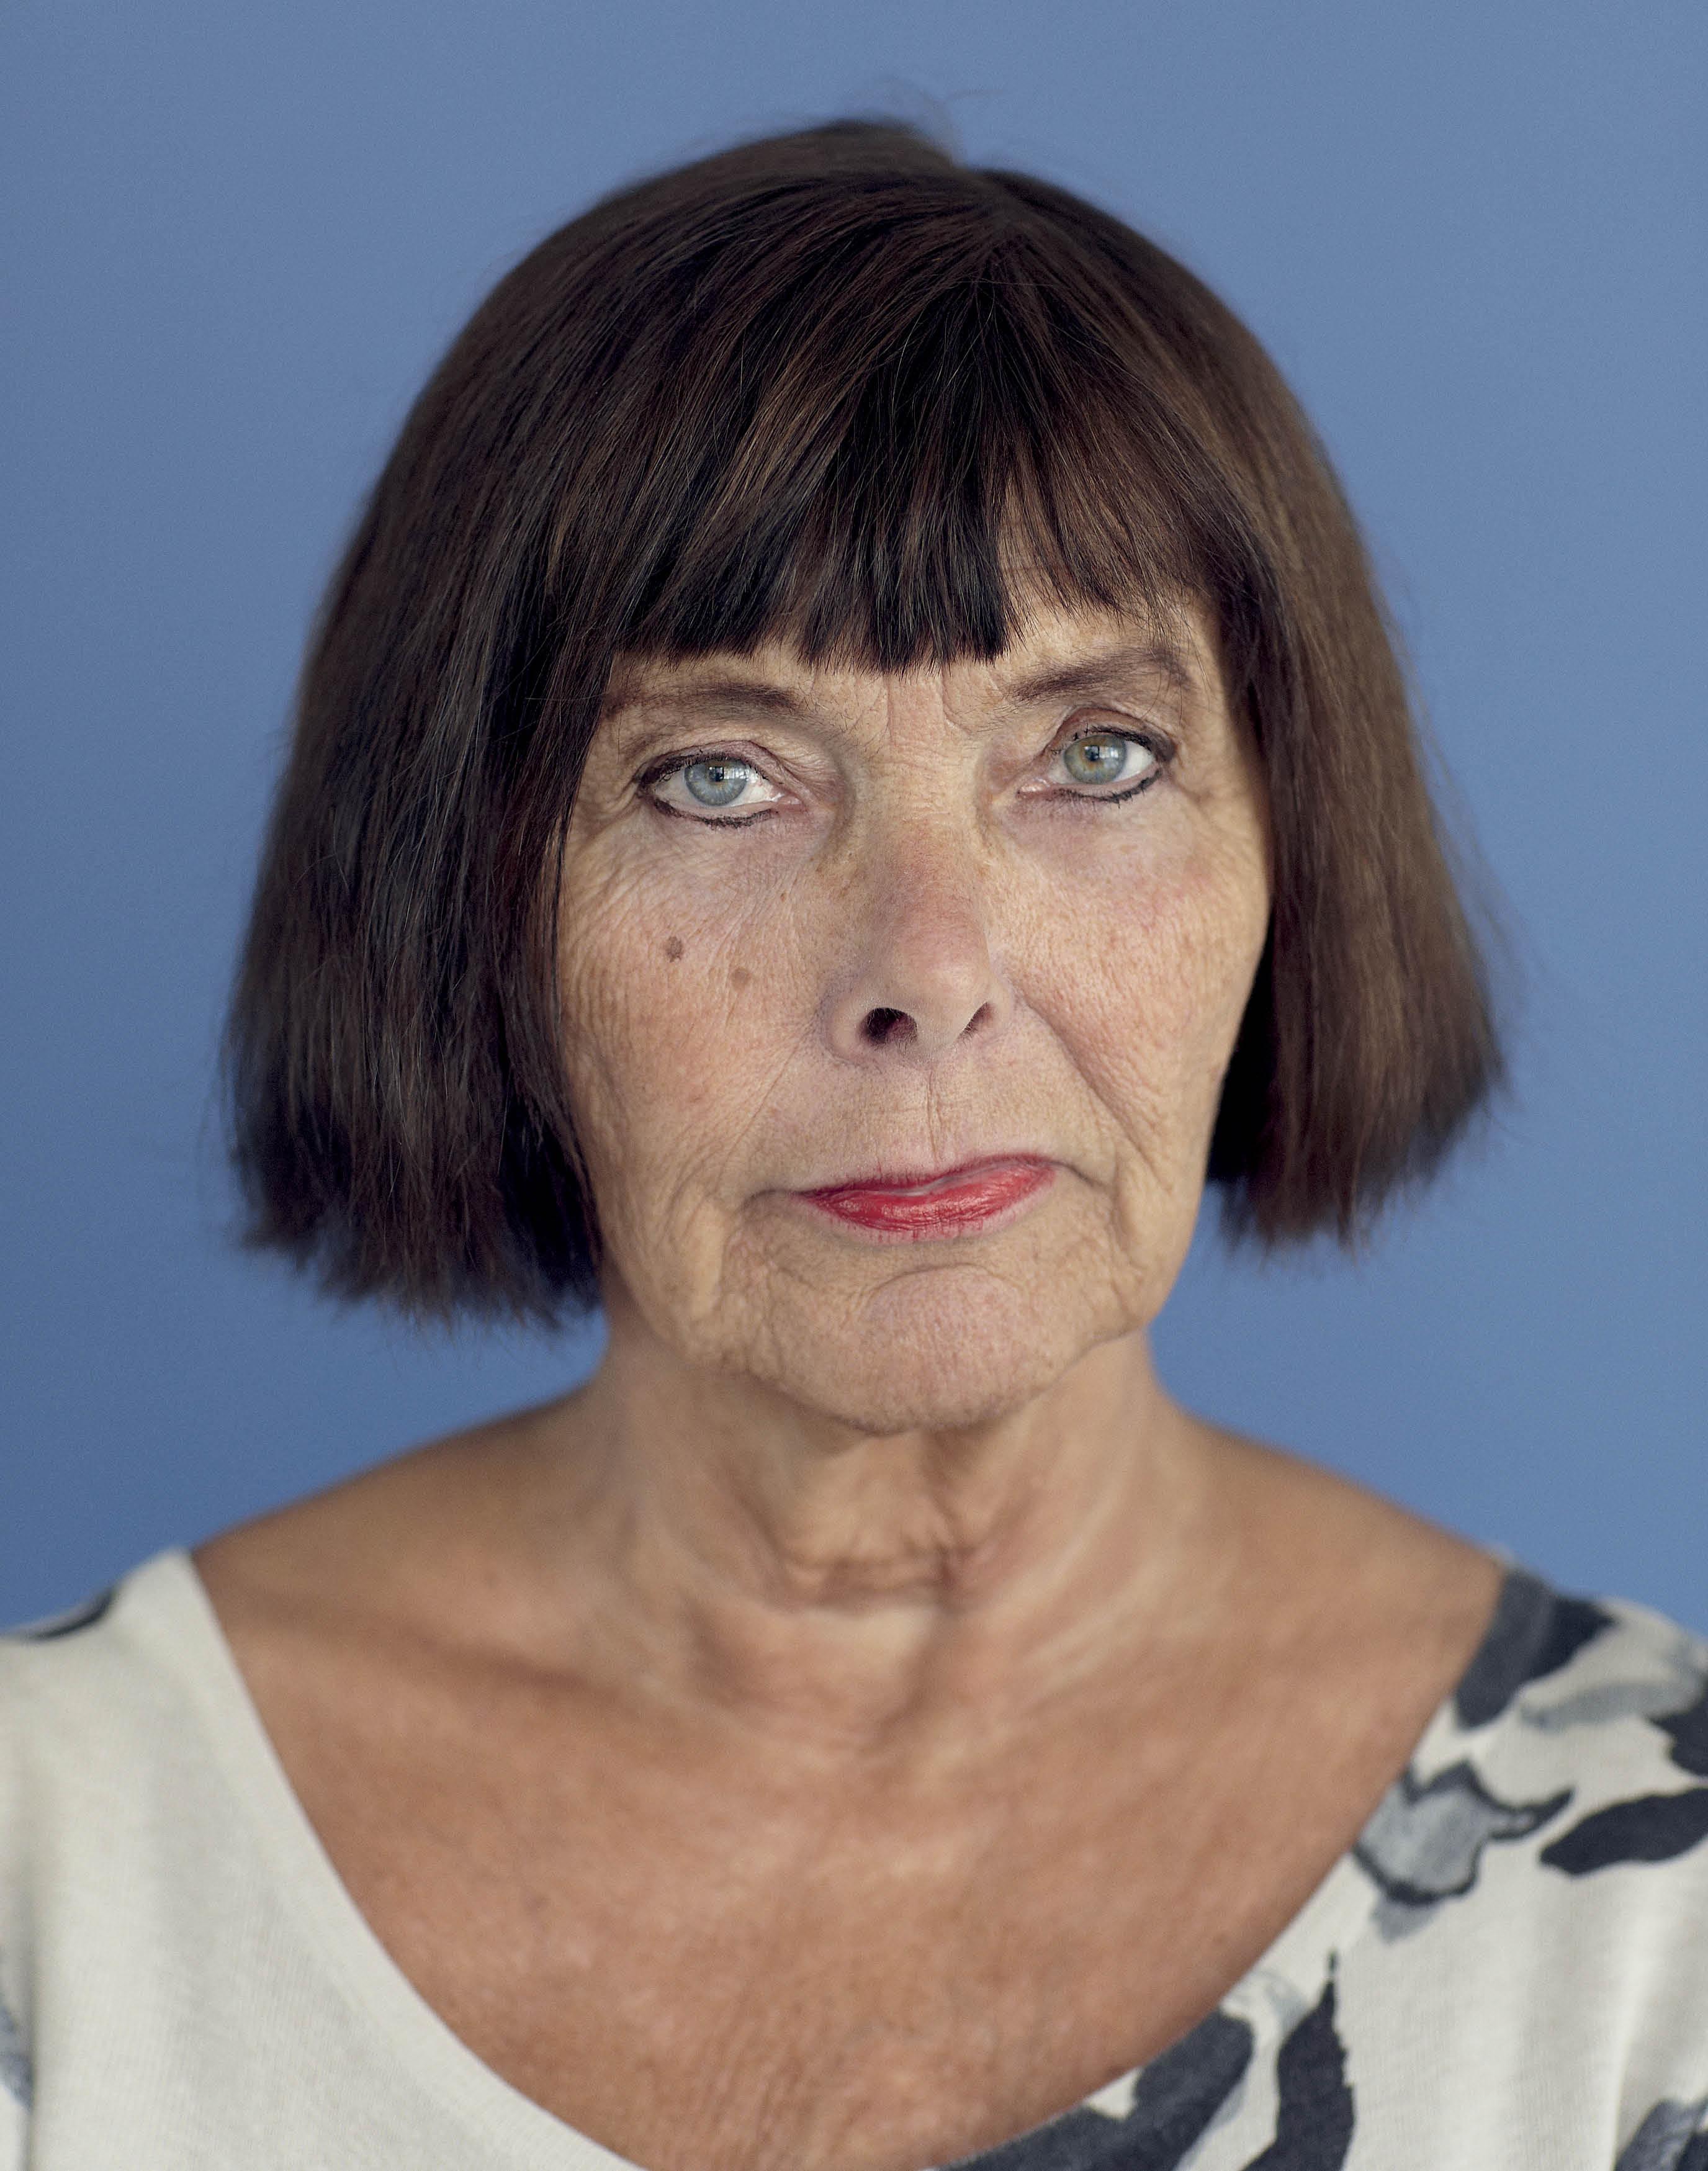 copenhagen midaldrende gift kvinde søger kvinde ældre 50 for forholdet